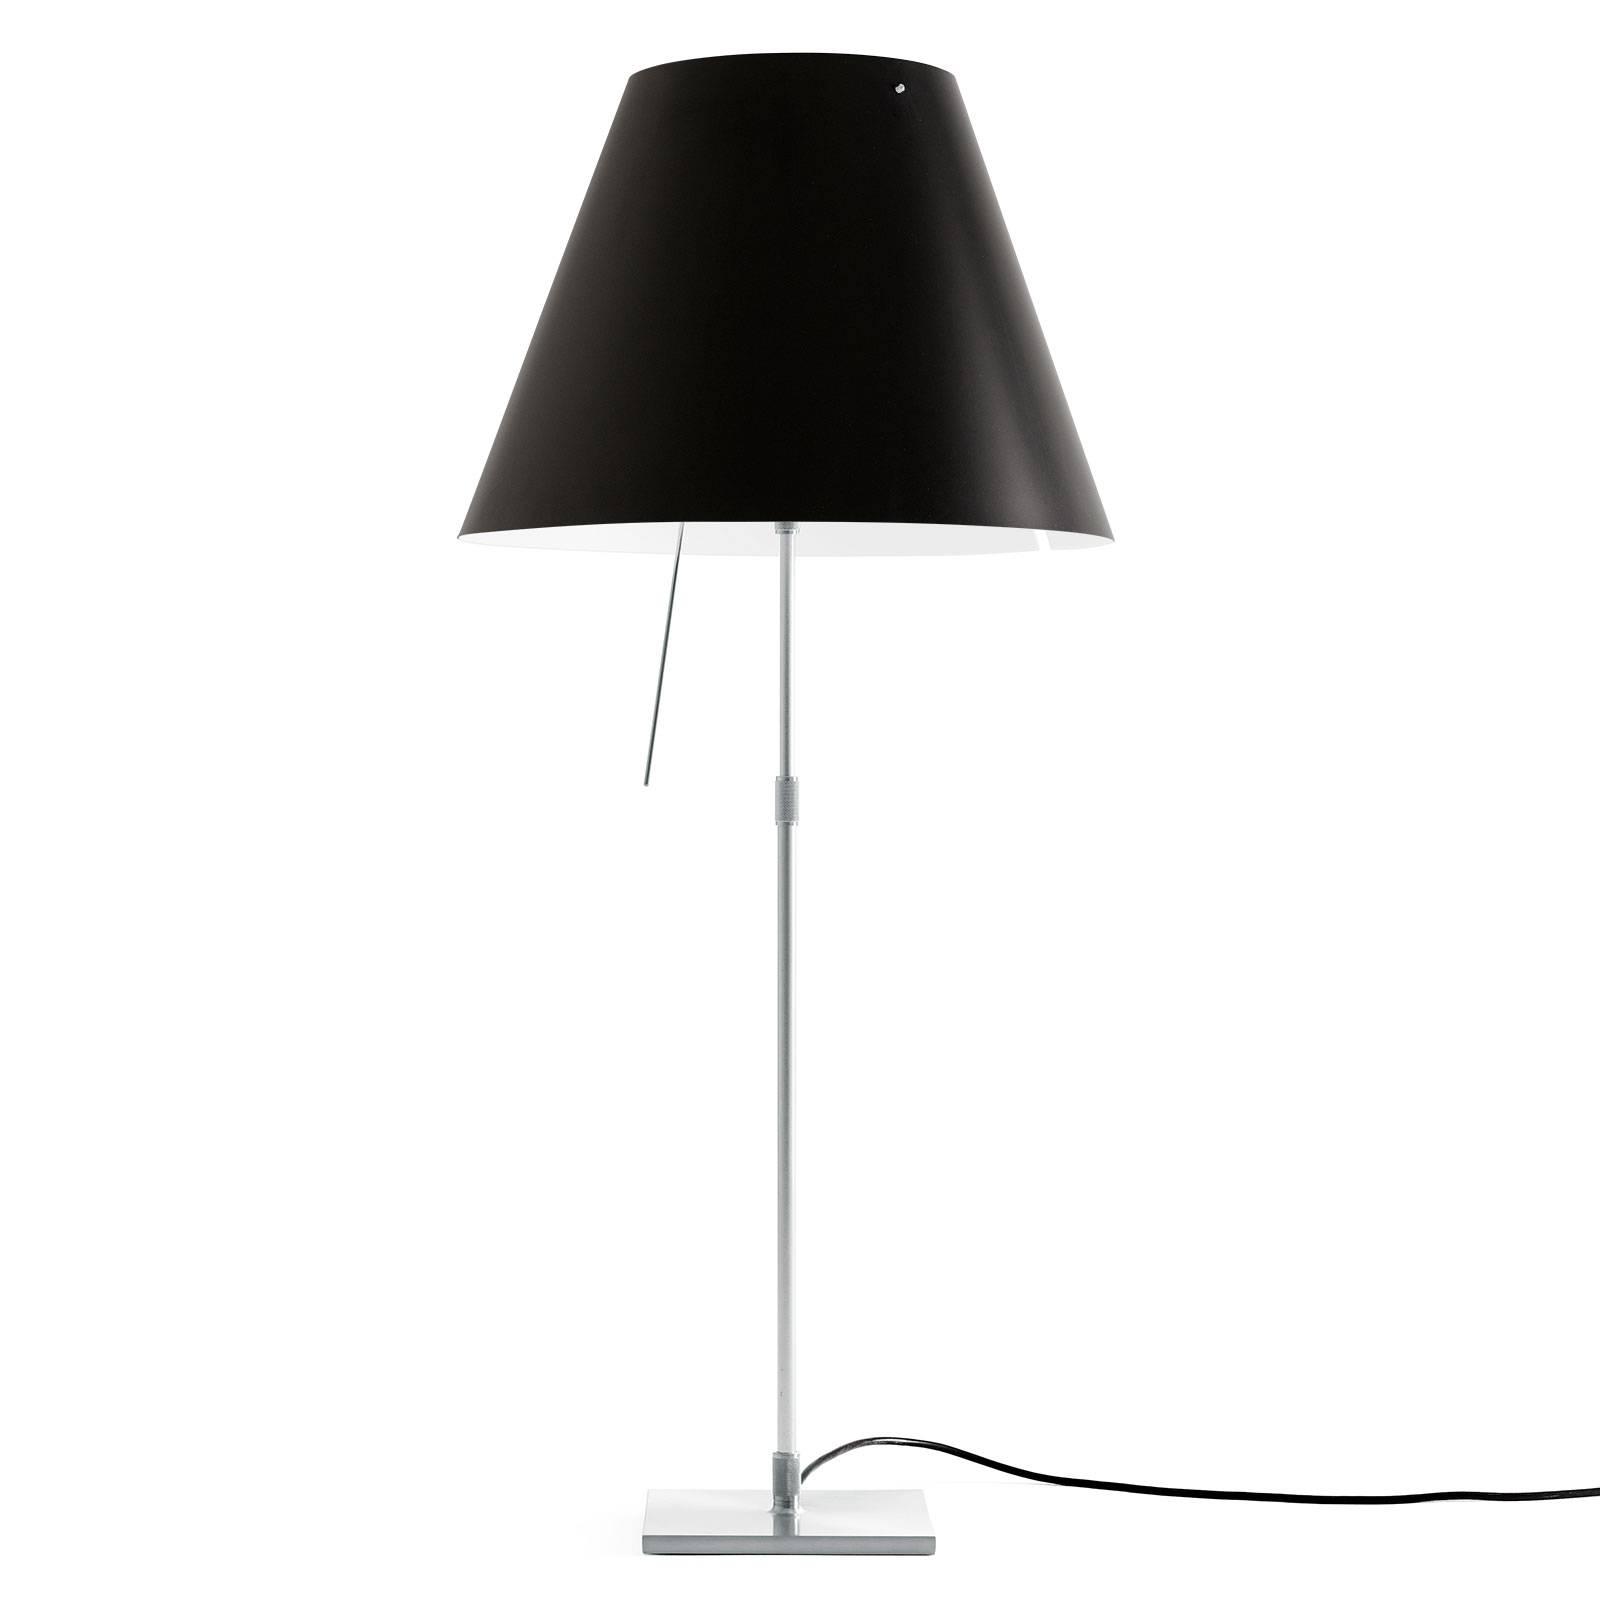 Luceplan Costanza tafellamp D13 aluminium/zwart